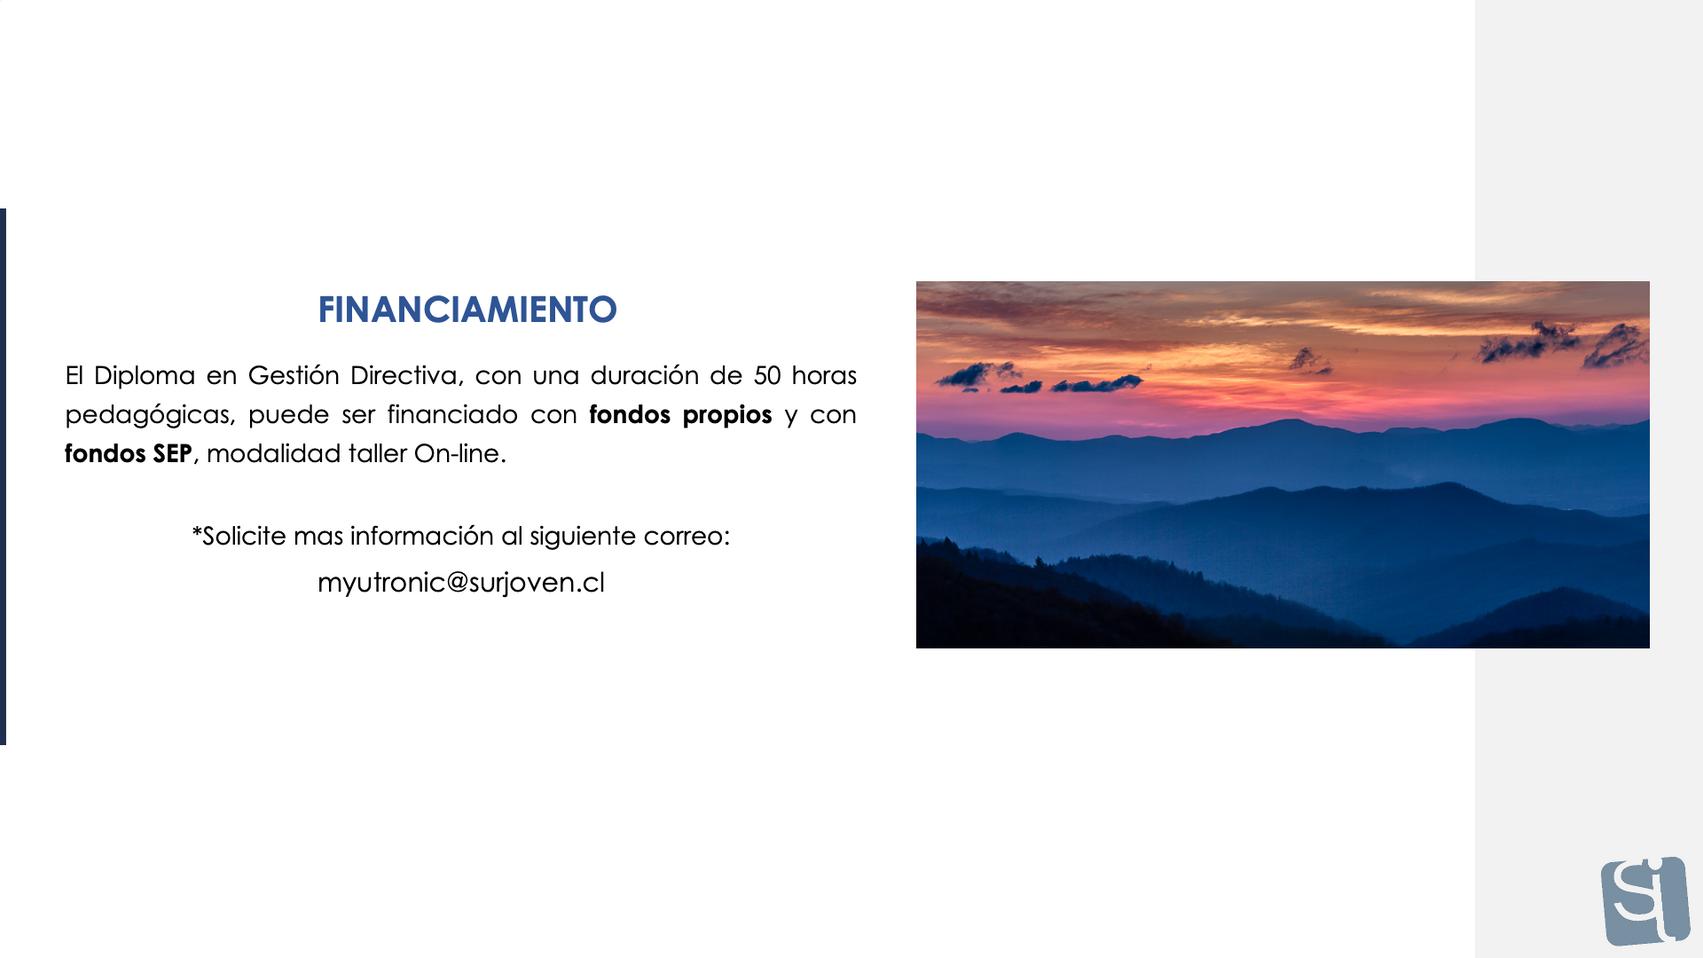 Captura de Pantalla 2020-07-03 a la(s) 1